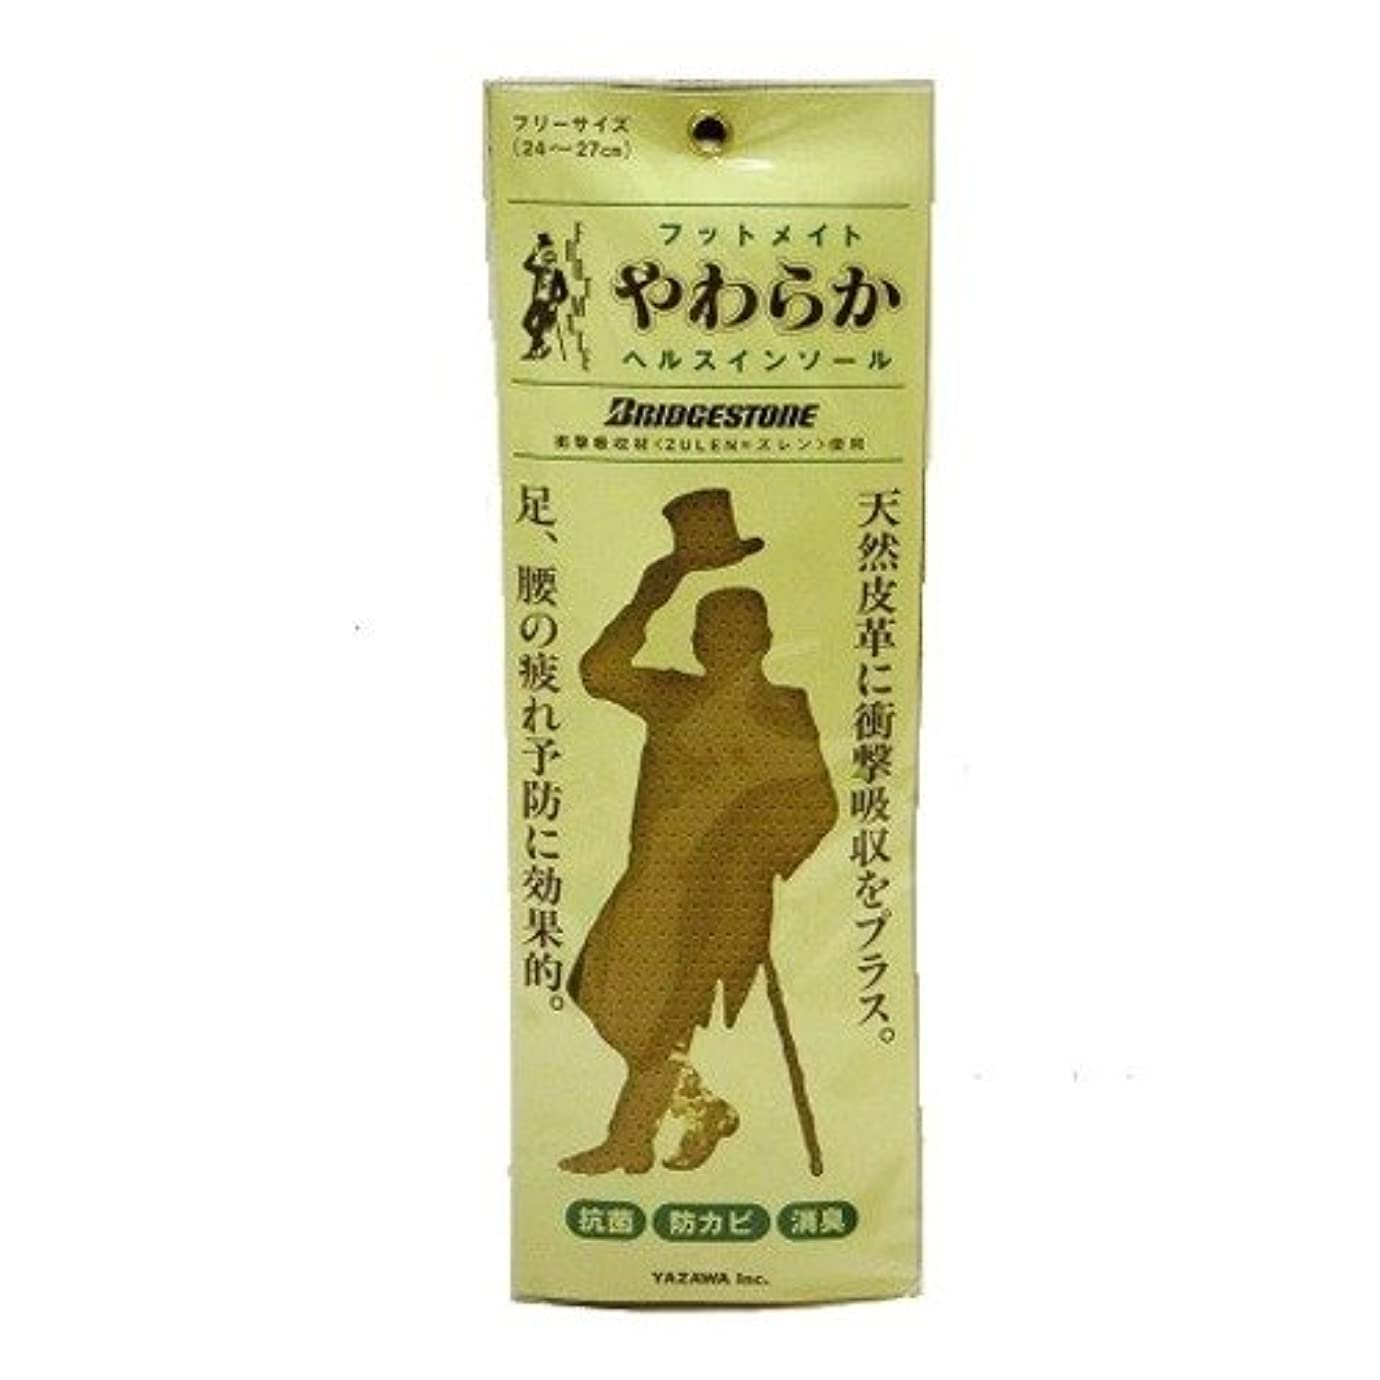 不道徳ドライアレンジ矢澤 フットメイトやわらかヘルスインソール 24?27cm